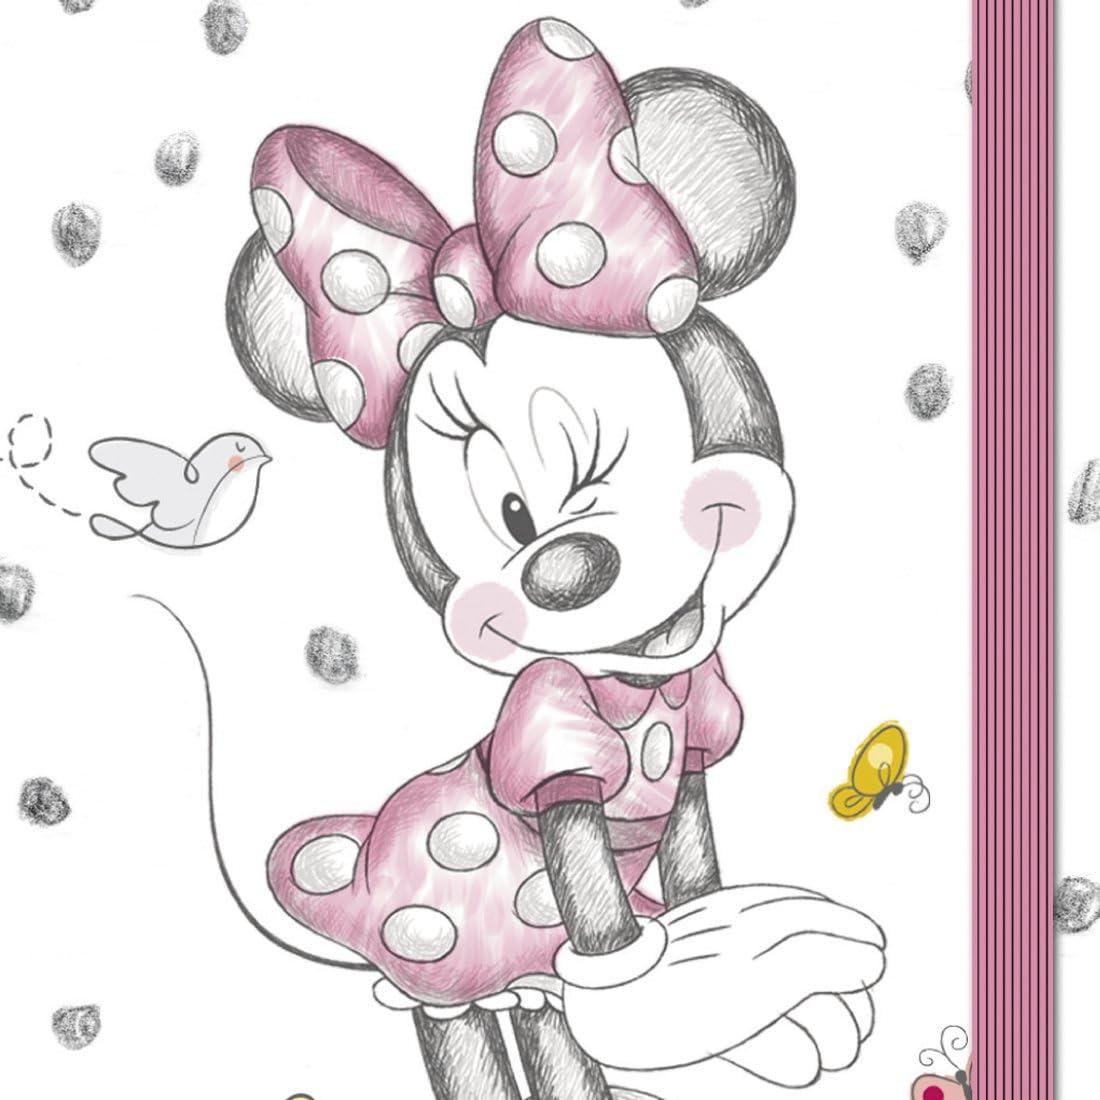 ディズニー Ipad壁紙 Disney Minnie Mouse アニメ スマホ用画像